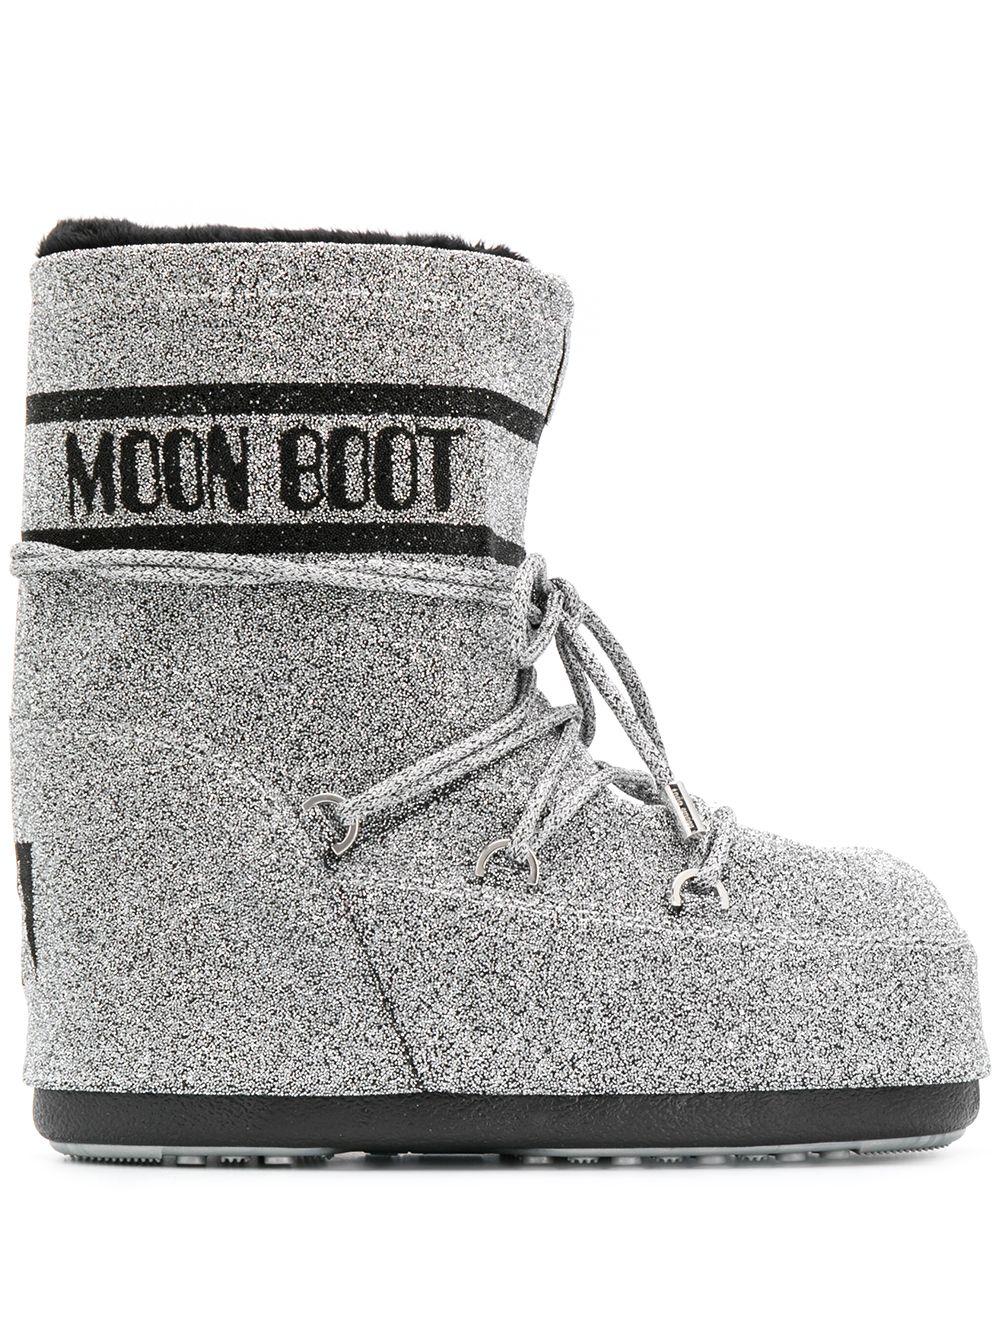 Swarowski Snow Boots